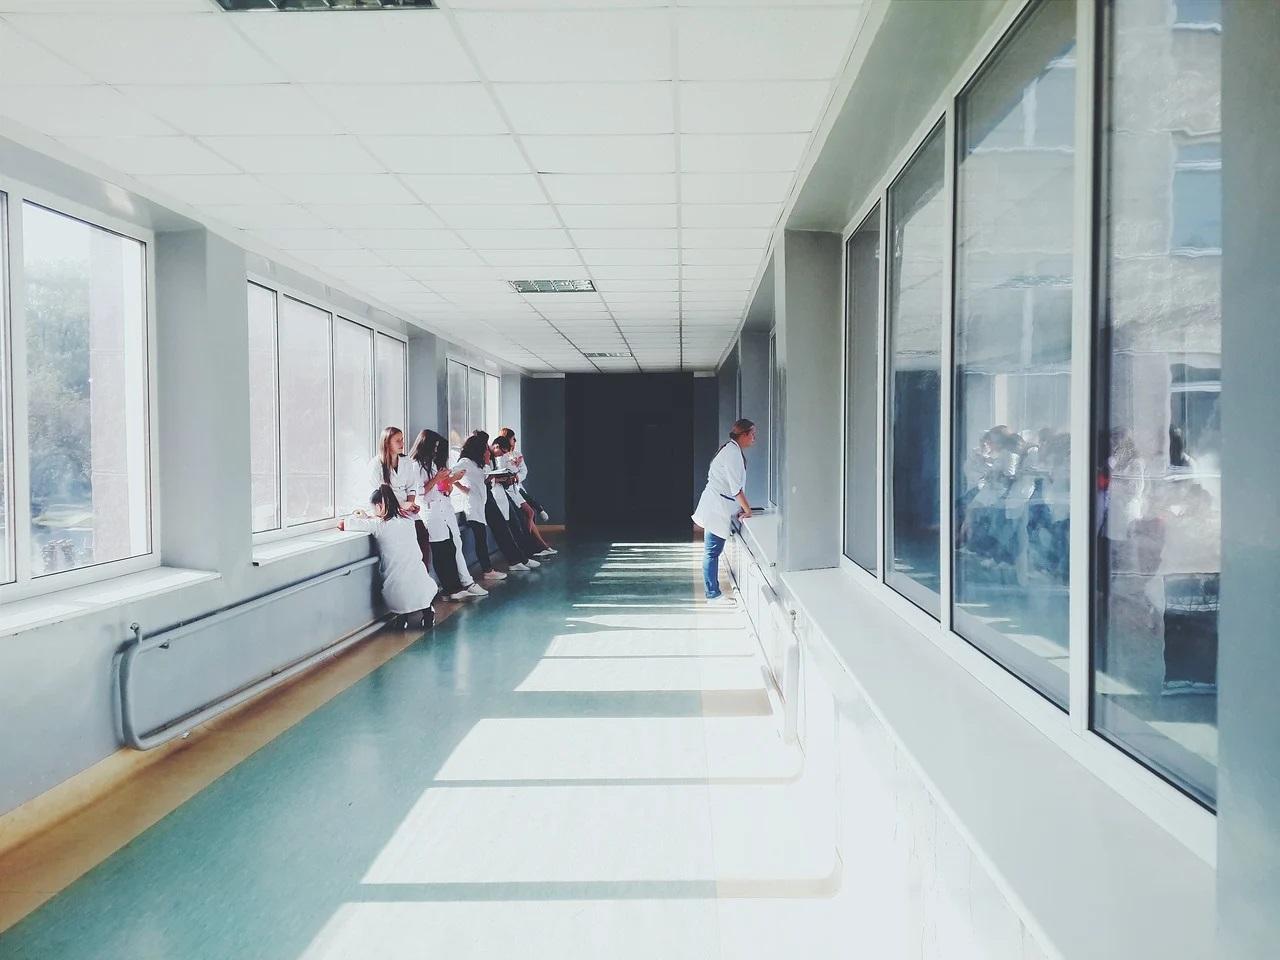 Un nou spital pentru pacienții cu COVID-19, în Madrid